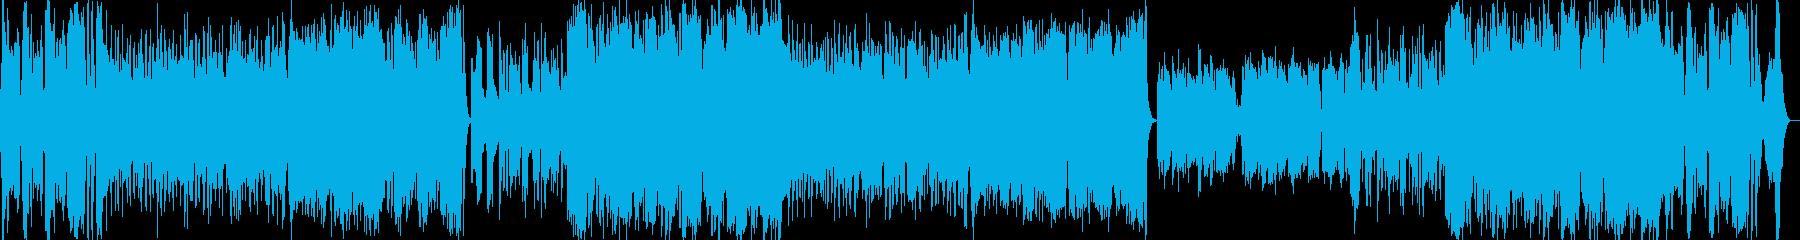 可愛らしいファンタジーオーケストラの再生済みの波形